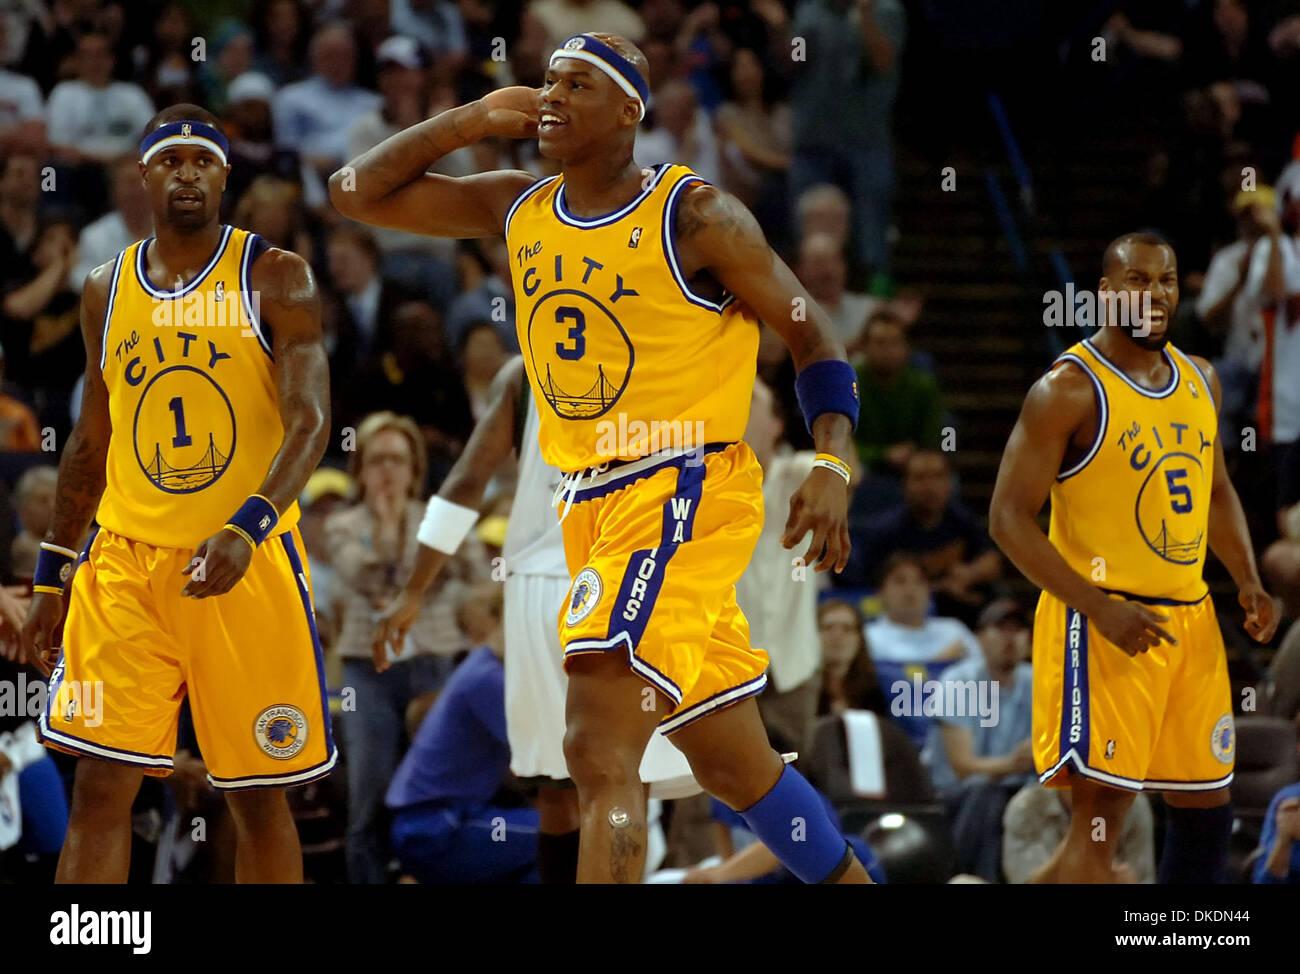 Mar 16 2007 Oakland CA U S A Golden State Warriors AL Stock